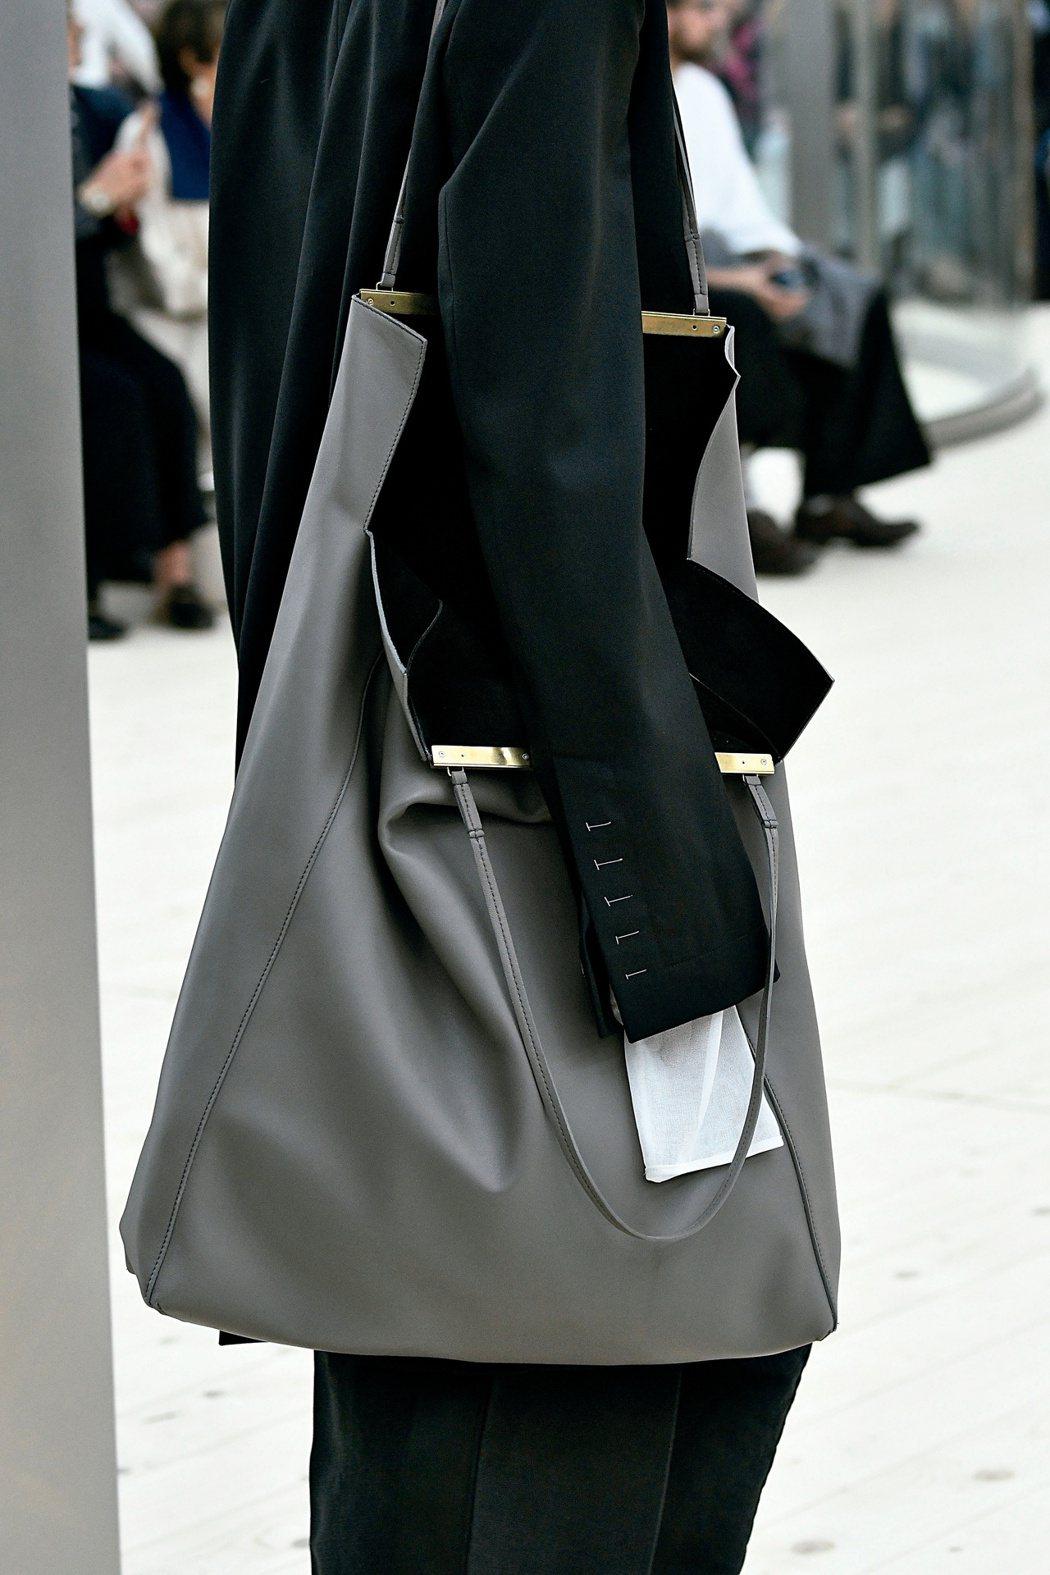 CLASP CABAS墨灰色平滑小牛皮肩背包,售價155,000元。圖/CELI...